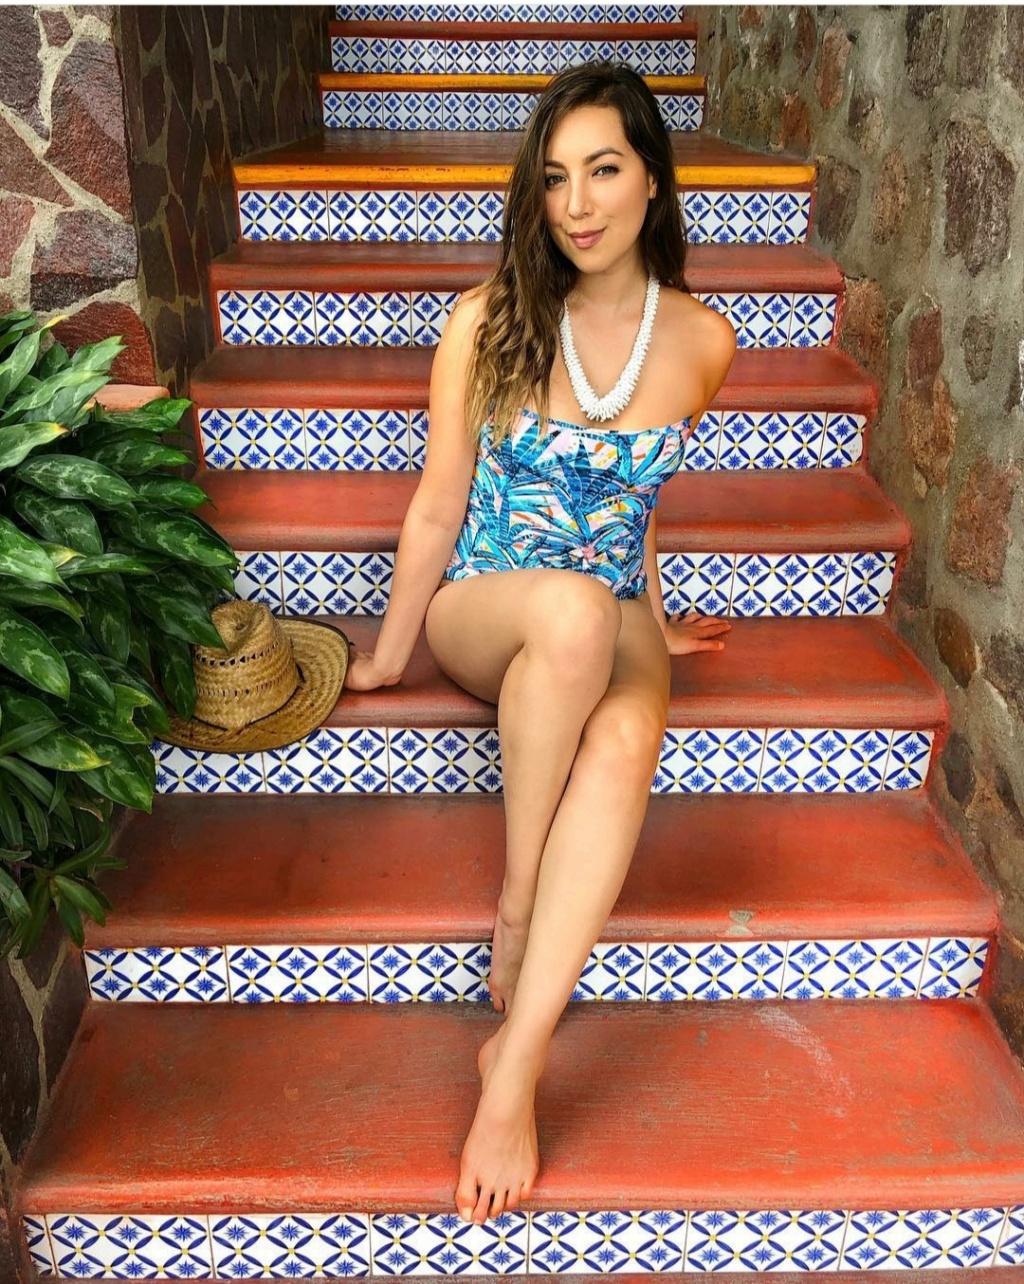 DEBATE sobre belleza, guapura y hermosura (fotos de chicas latinas, mestizas, y de todo) - VOL II - Página 6 Img_1882